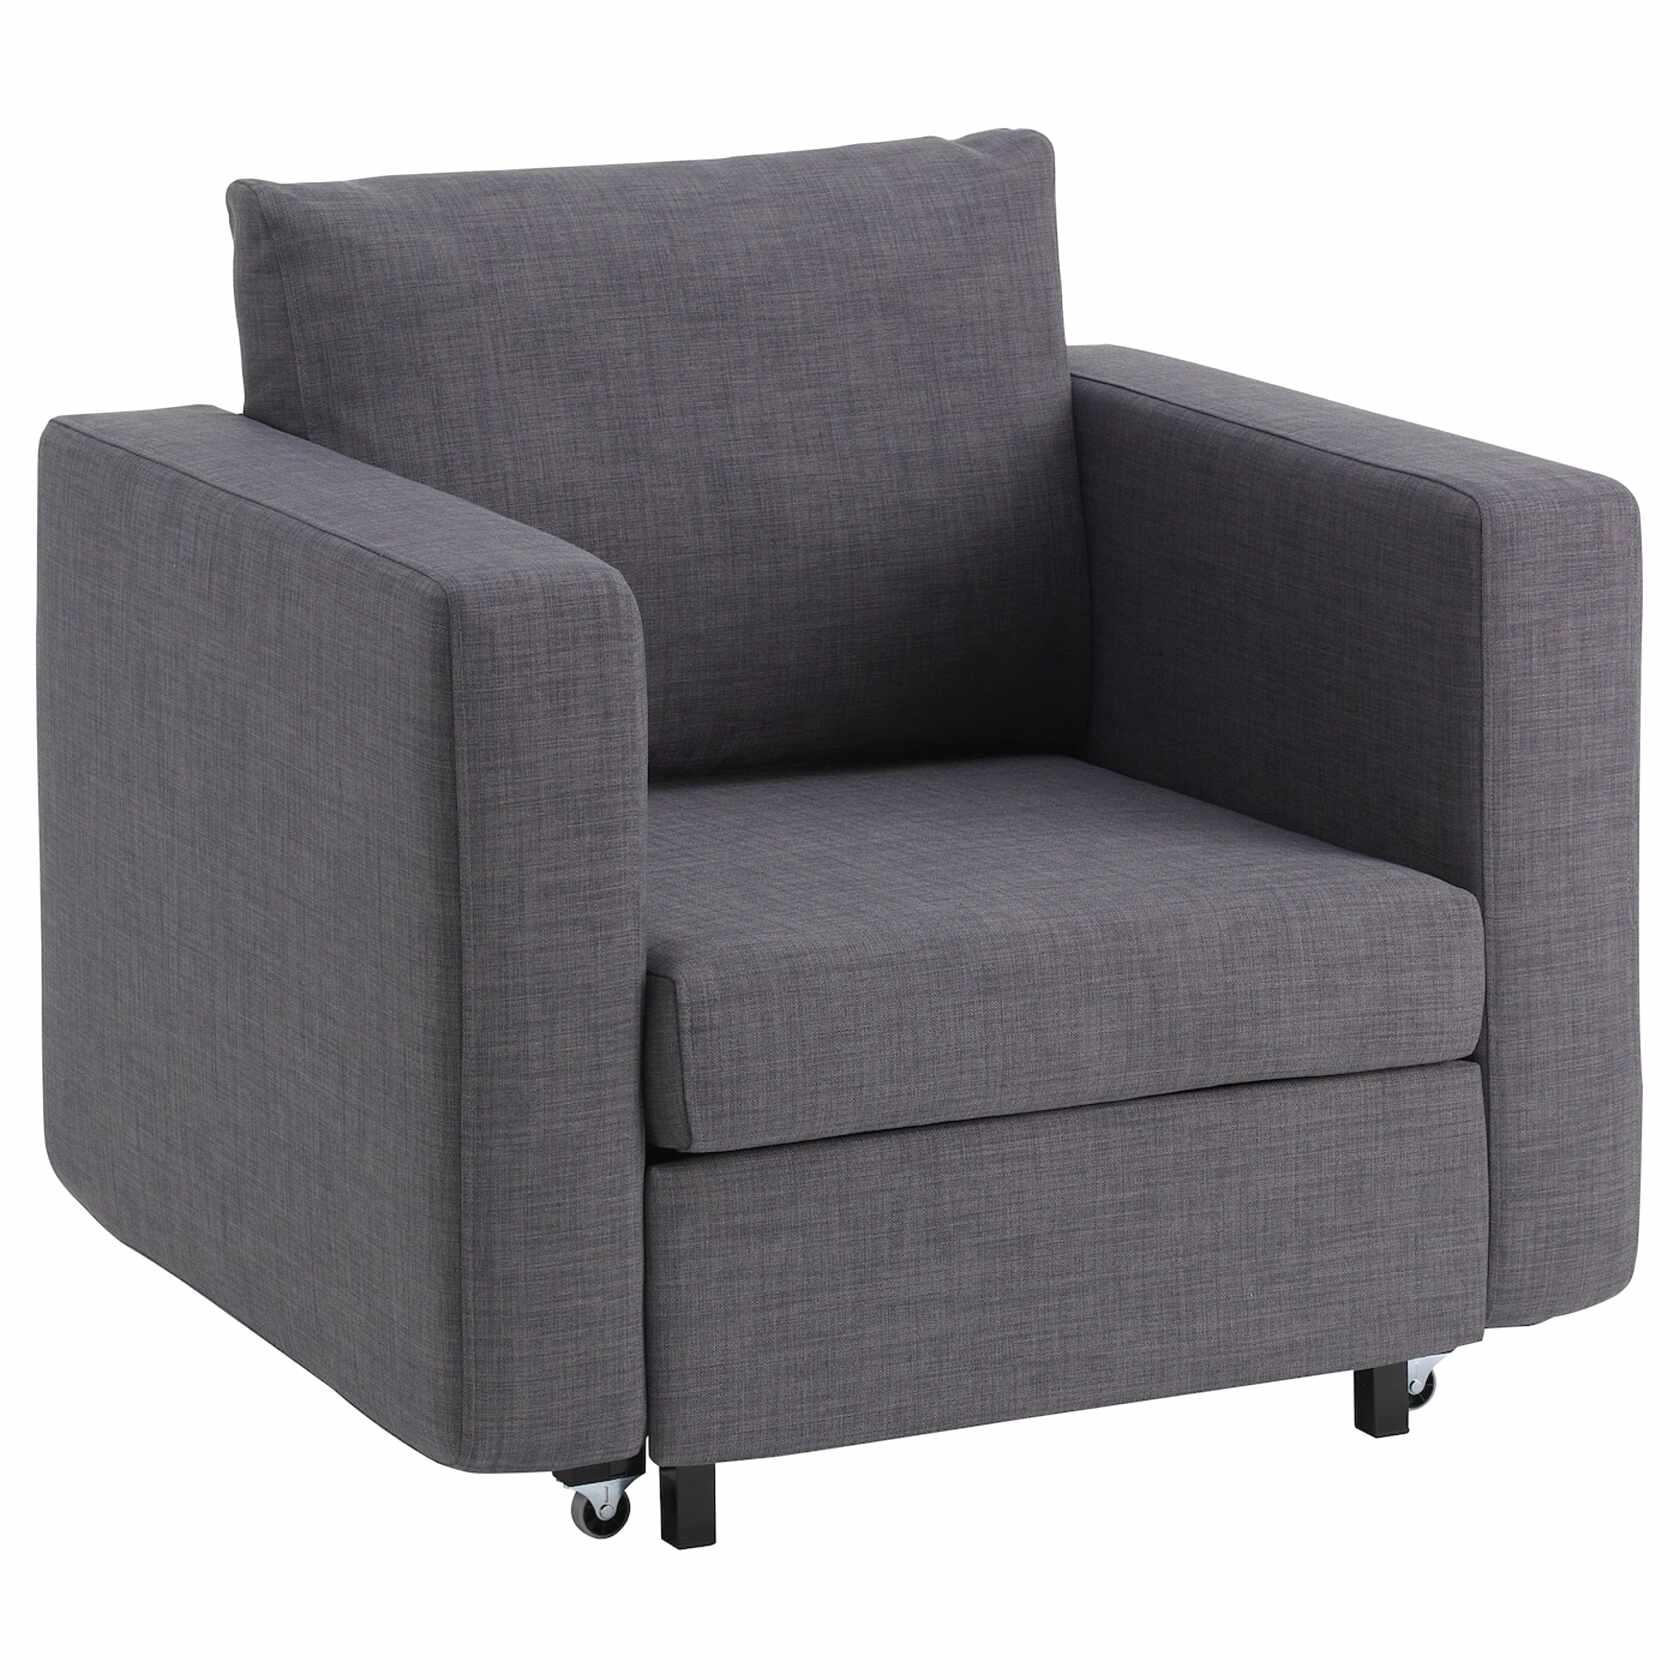 Ikea Möbel Gebraucht Kaufen